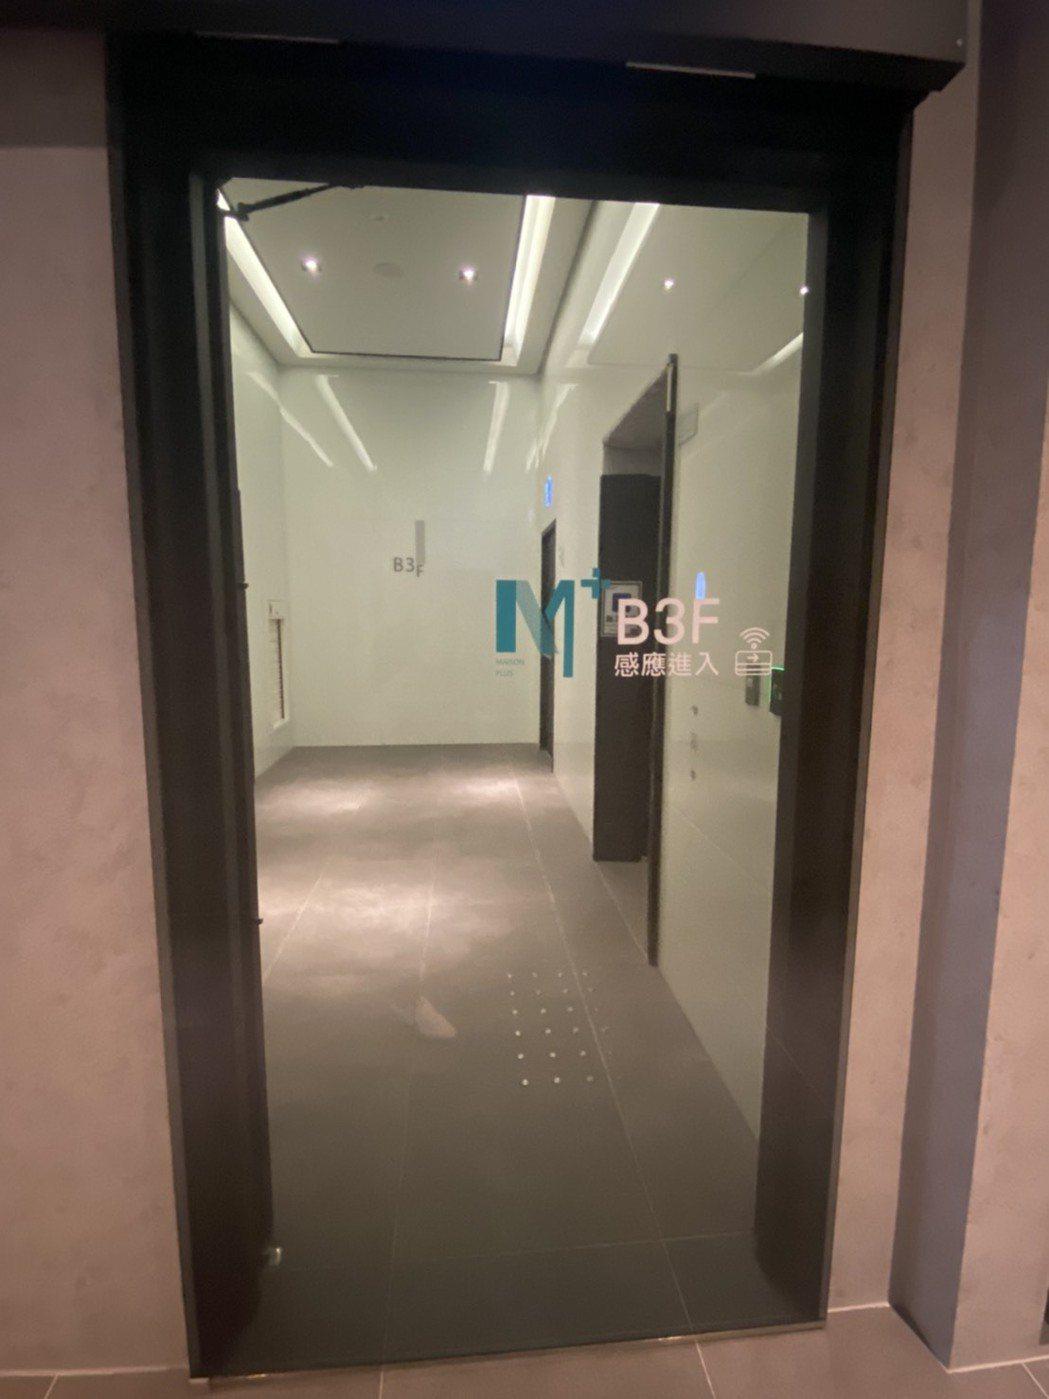 從地下室進入電梯廳門,均刷卡感應,減少接觸、降低風險。 攝影/張世雅